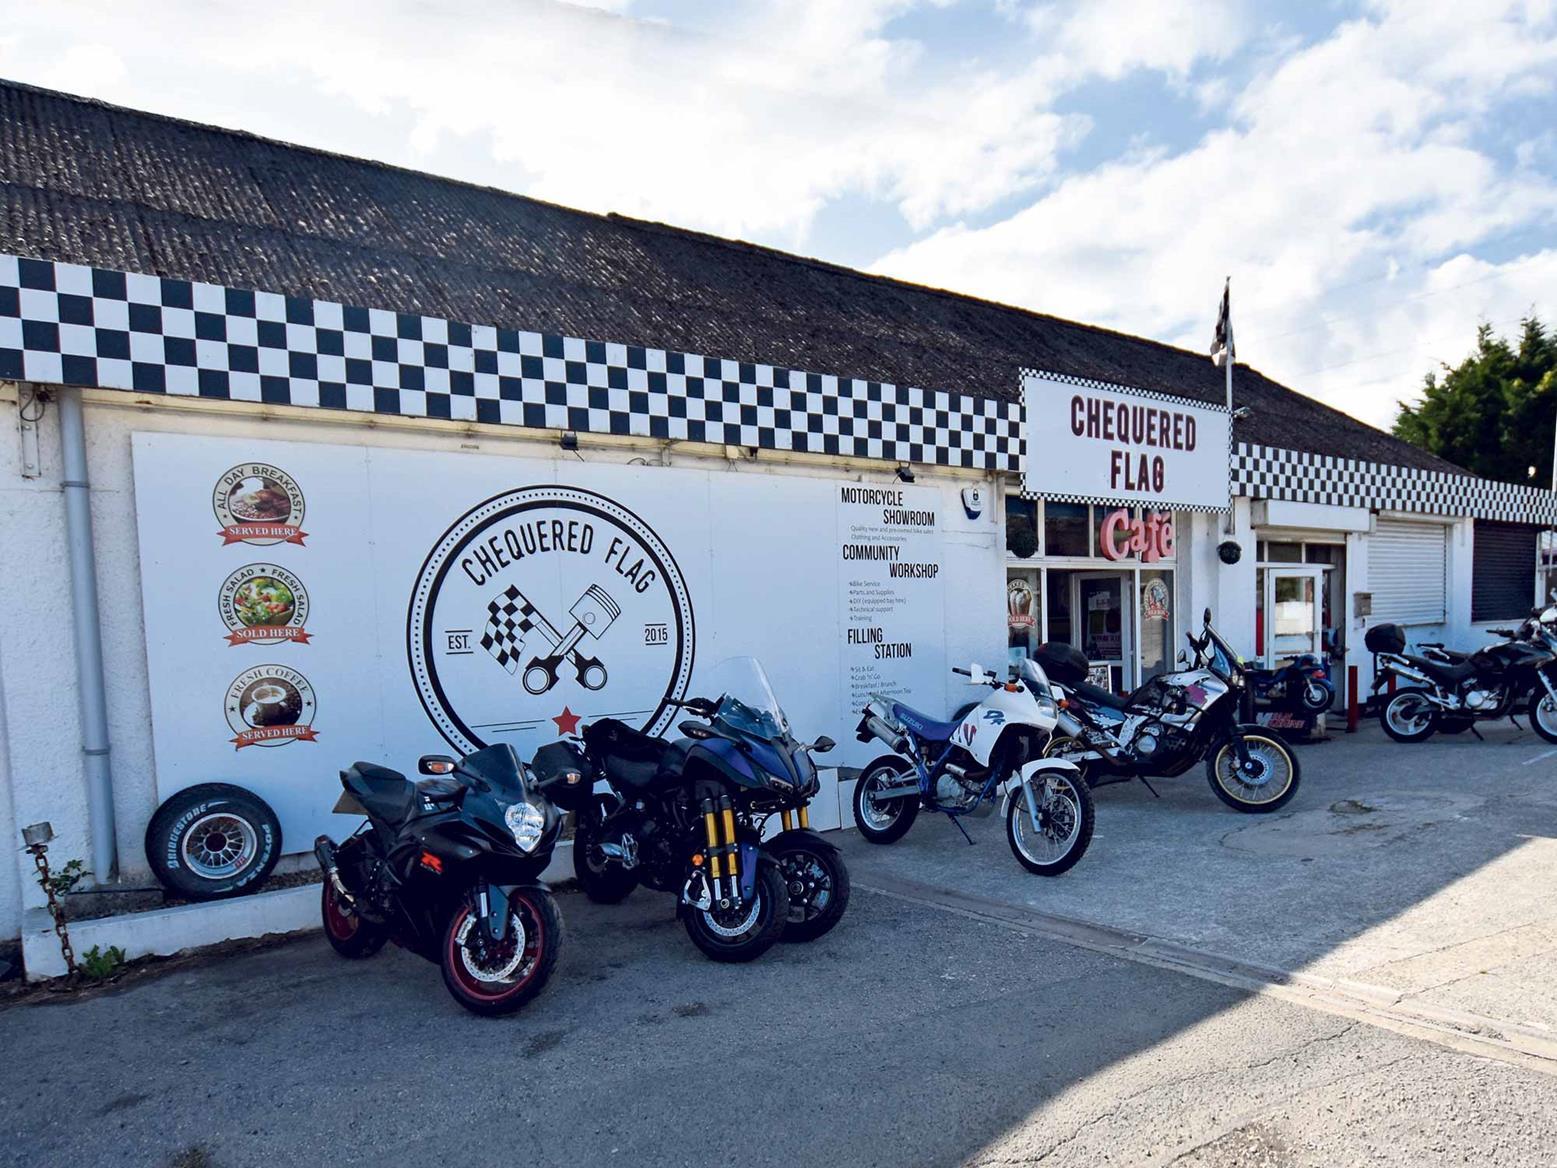 The Chequered Flag Café